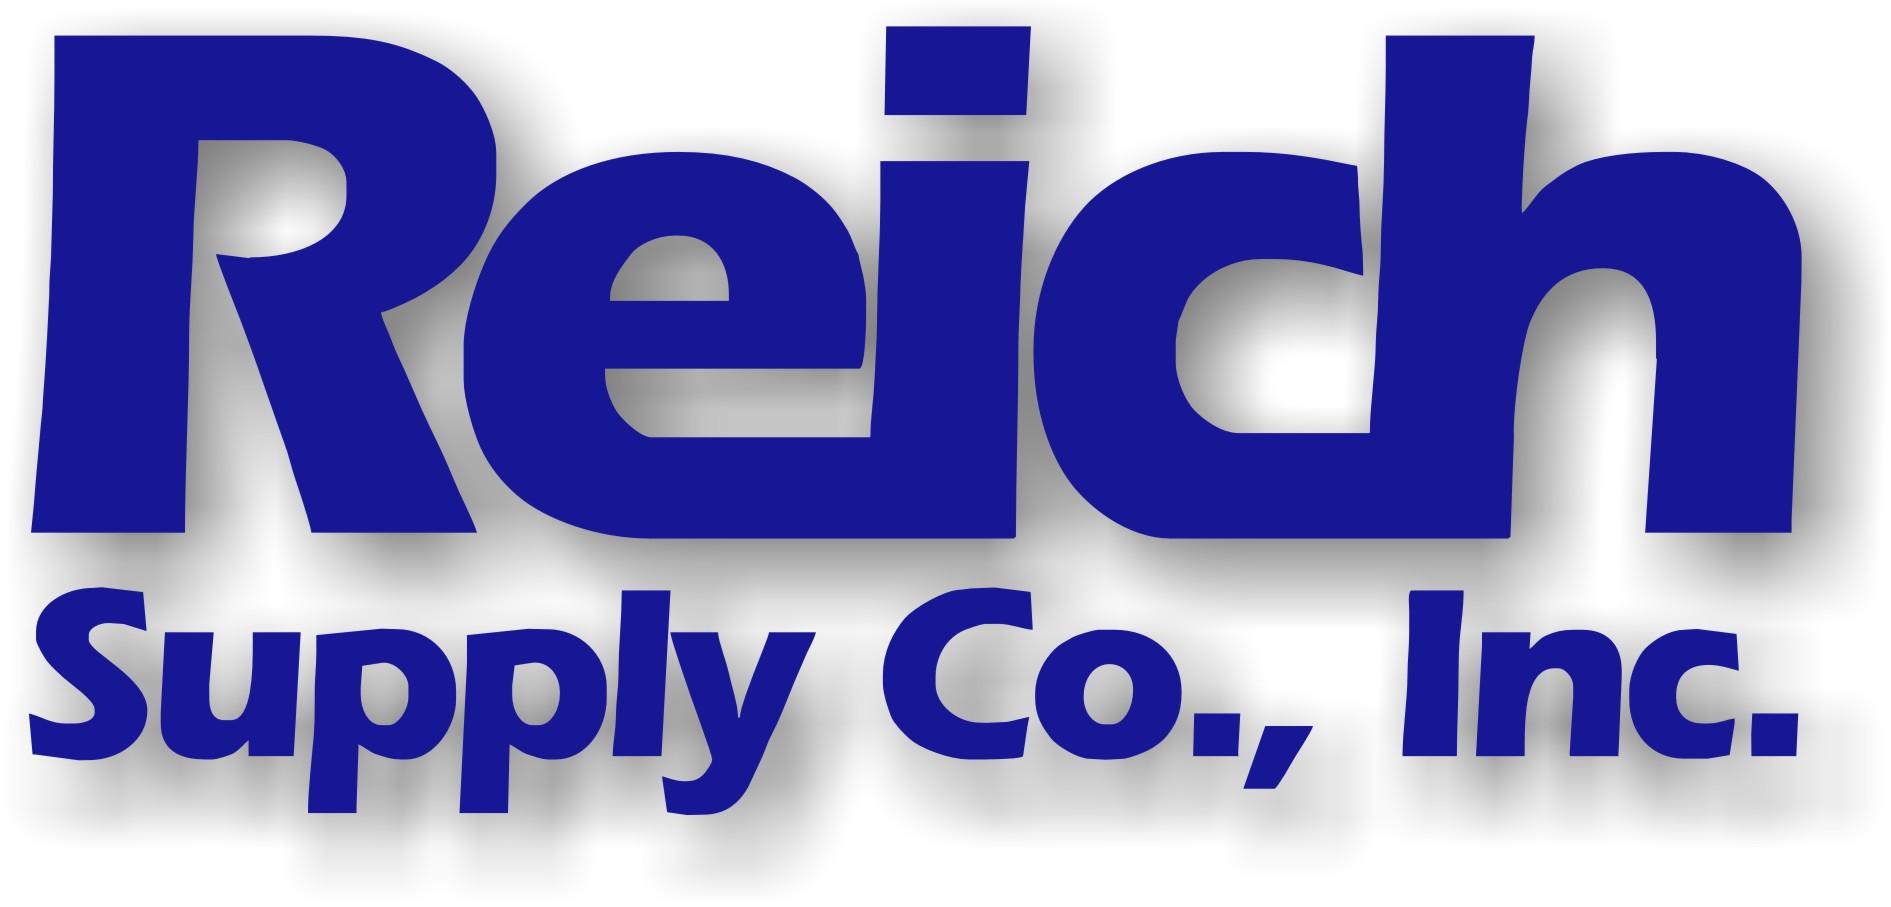 reich-logo.jpg